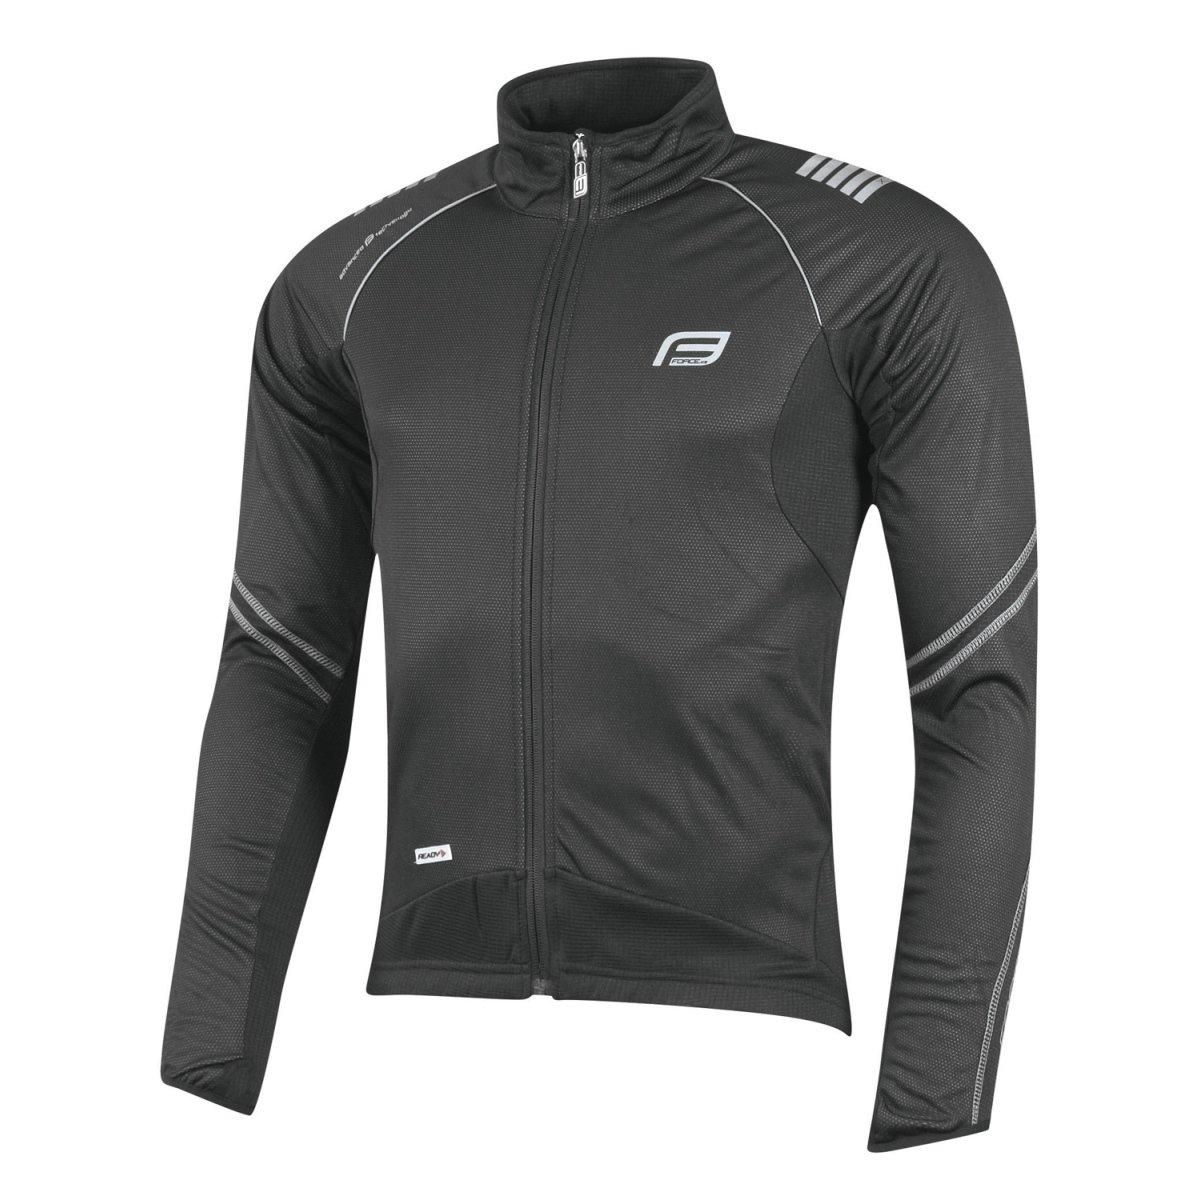 Force X70 cykel jakke | Jakker